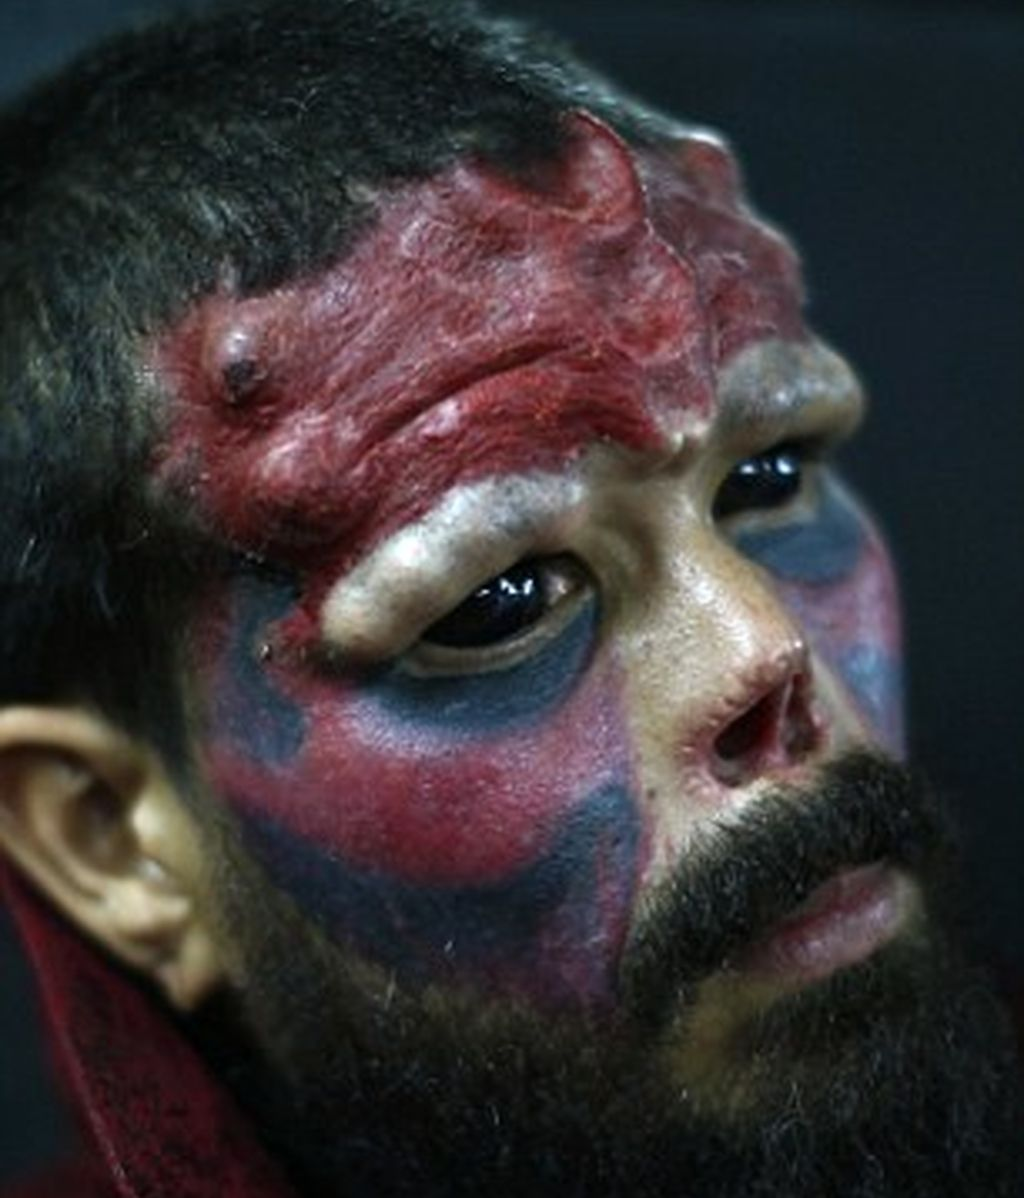 El venezolano Henry Damon alcanza su sueño de convertirse en el enemigo de Steve Rogers